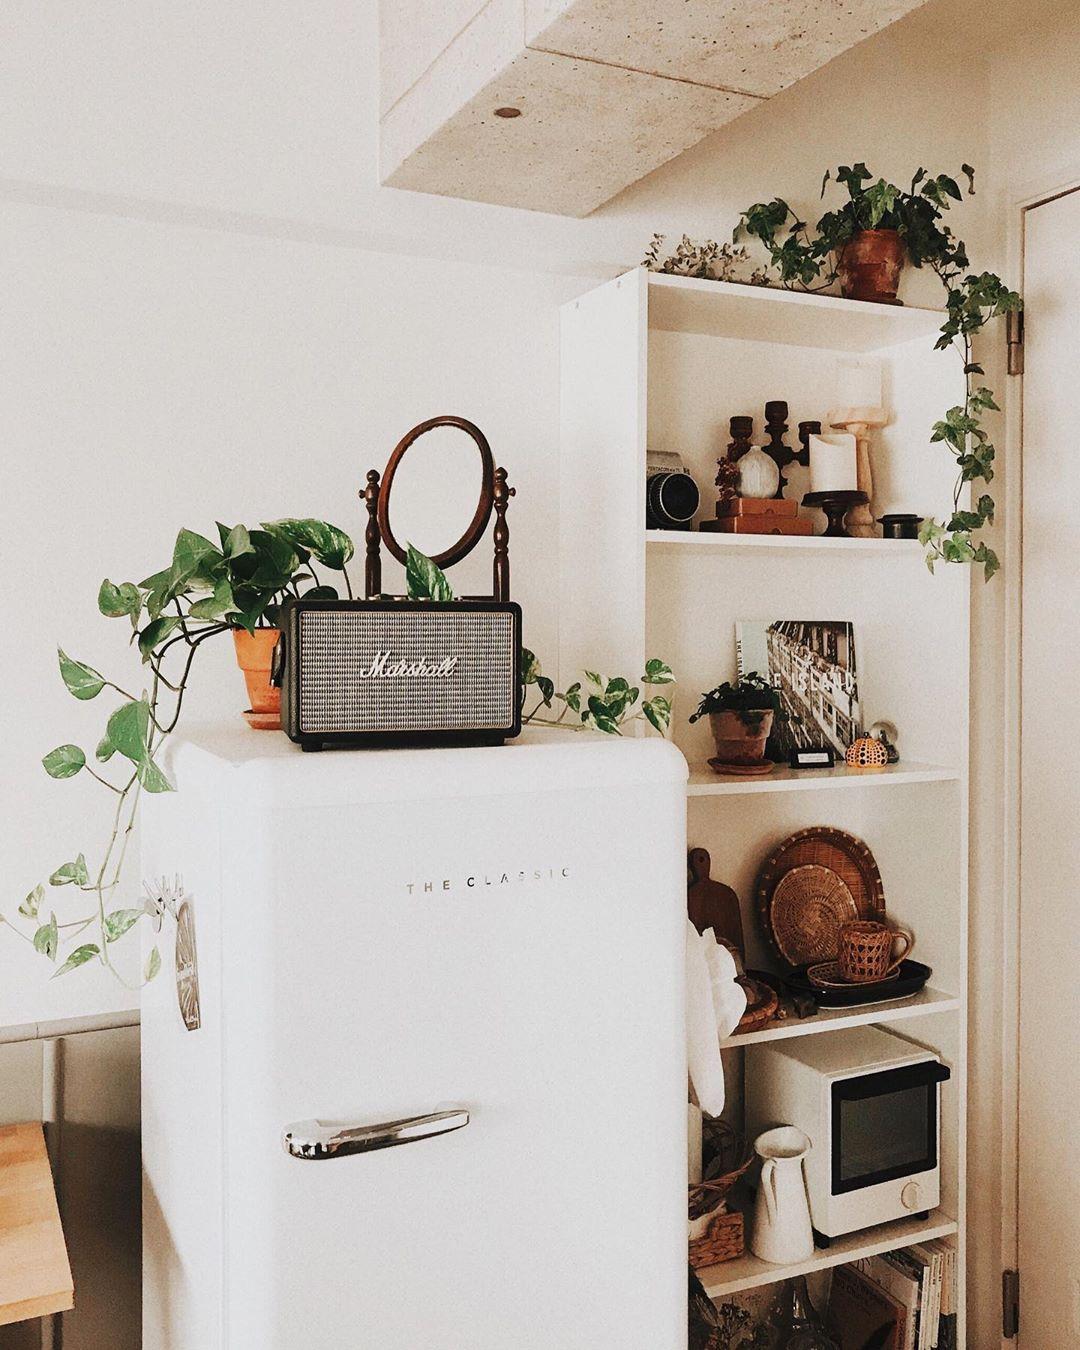 冷蔵庫の横に置いている棚はIKEAのBILLY。仕事をしているときのモチベーションが上がるように、必要な道具はきちんと揃えています。冷蔵庫に載っているのはマーシャルのBluetoothスピーカー。コーヒーを楽しむための器も充実。